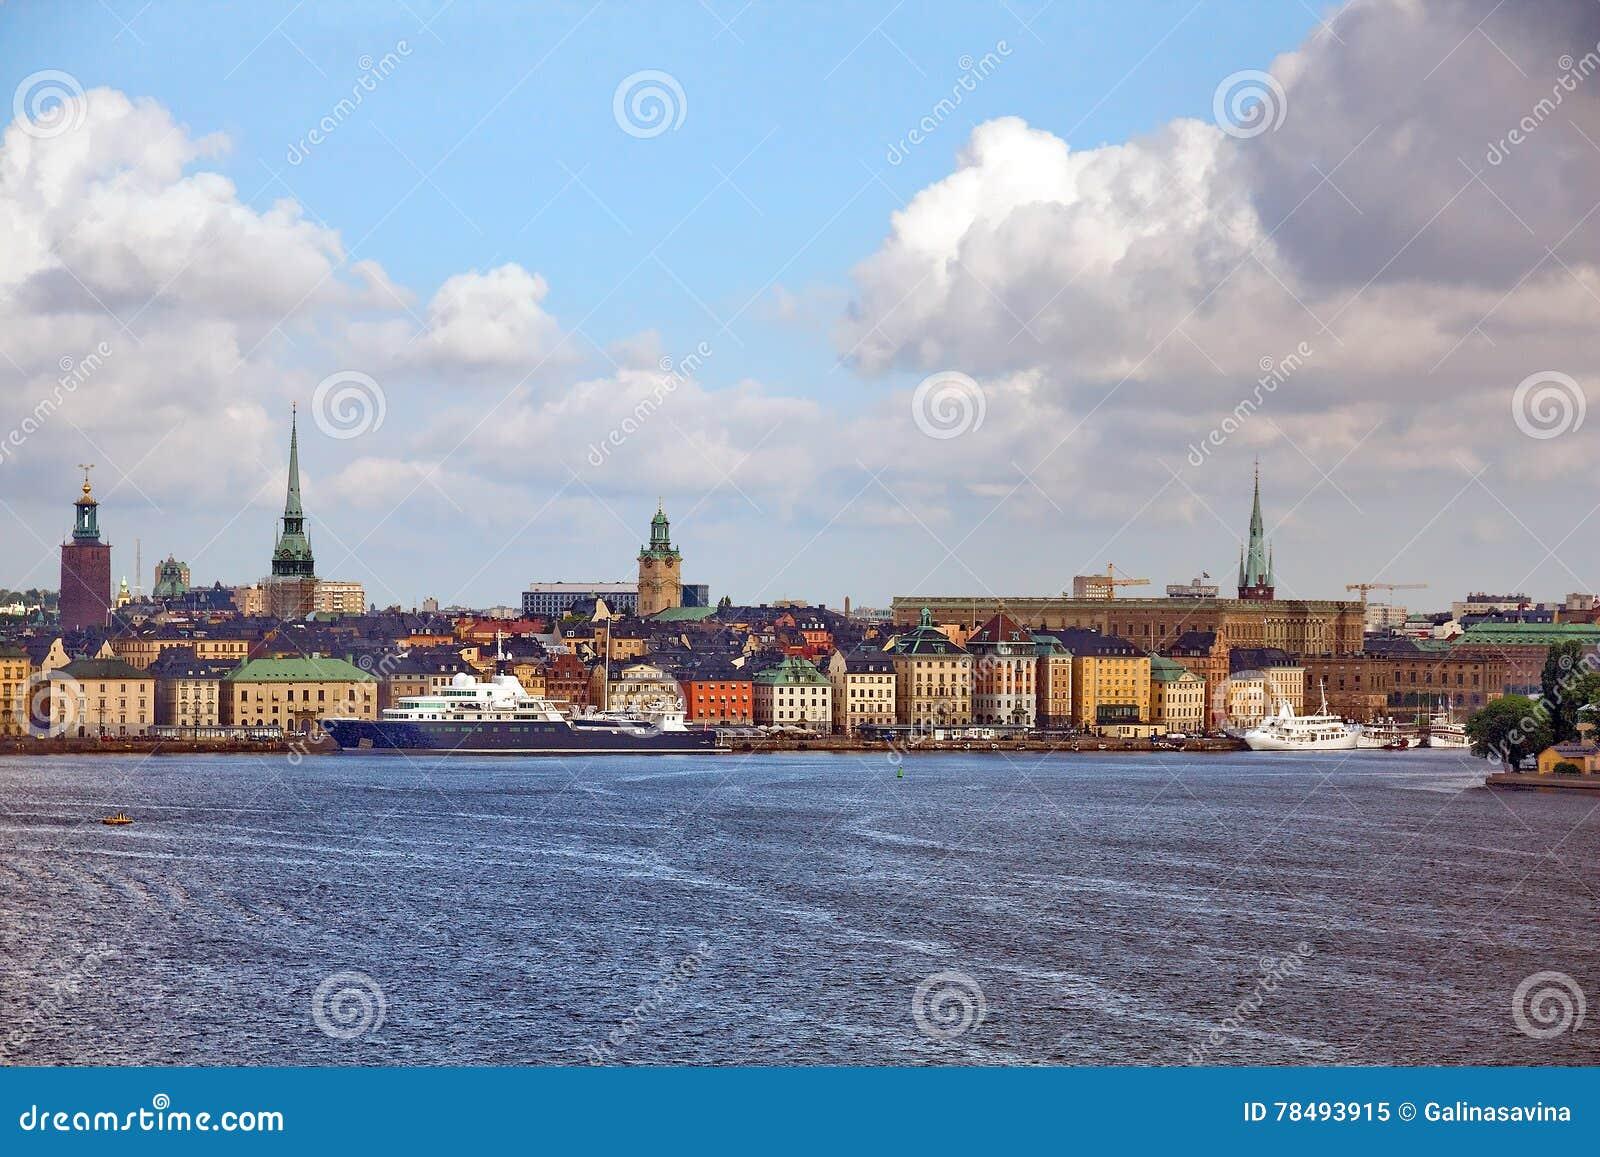 beauty of sweden